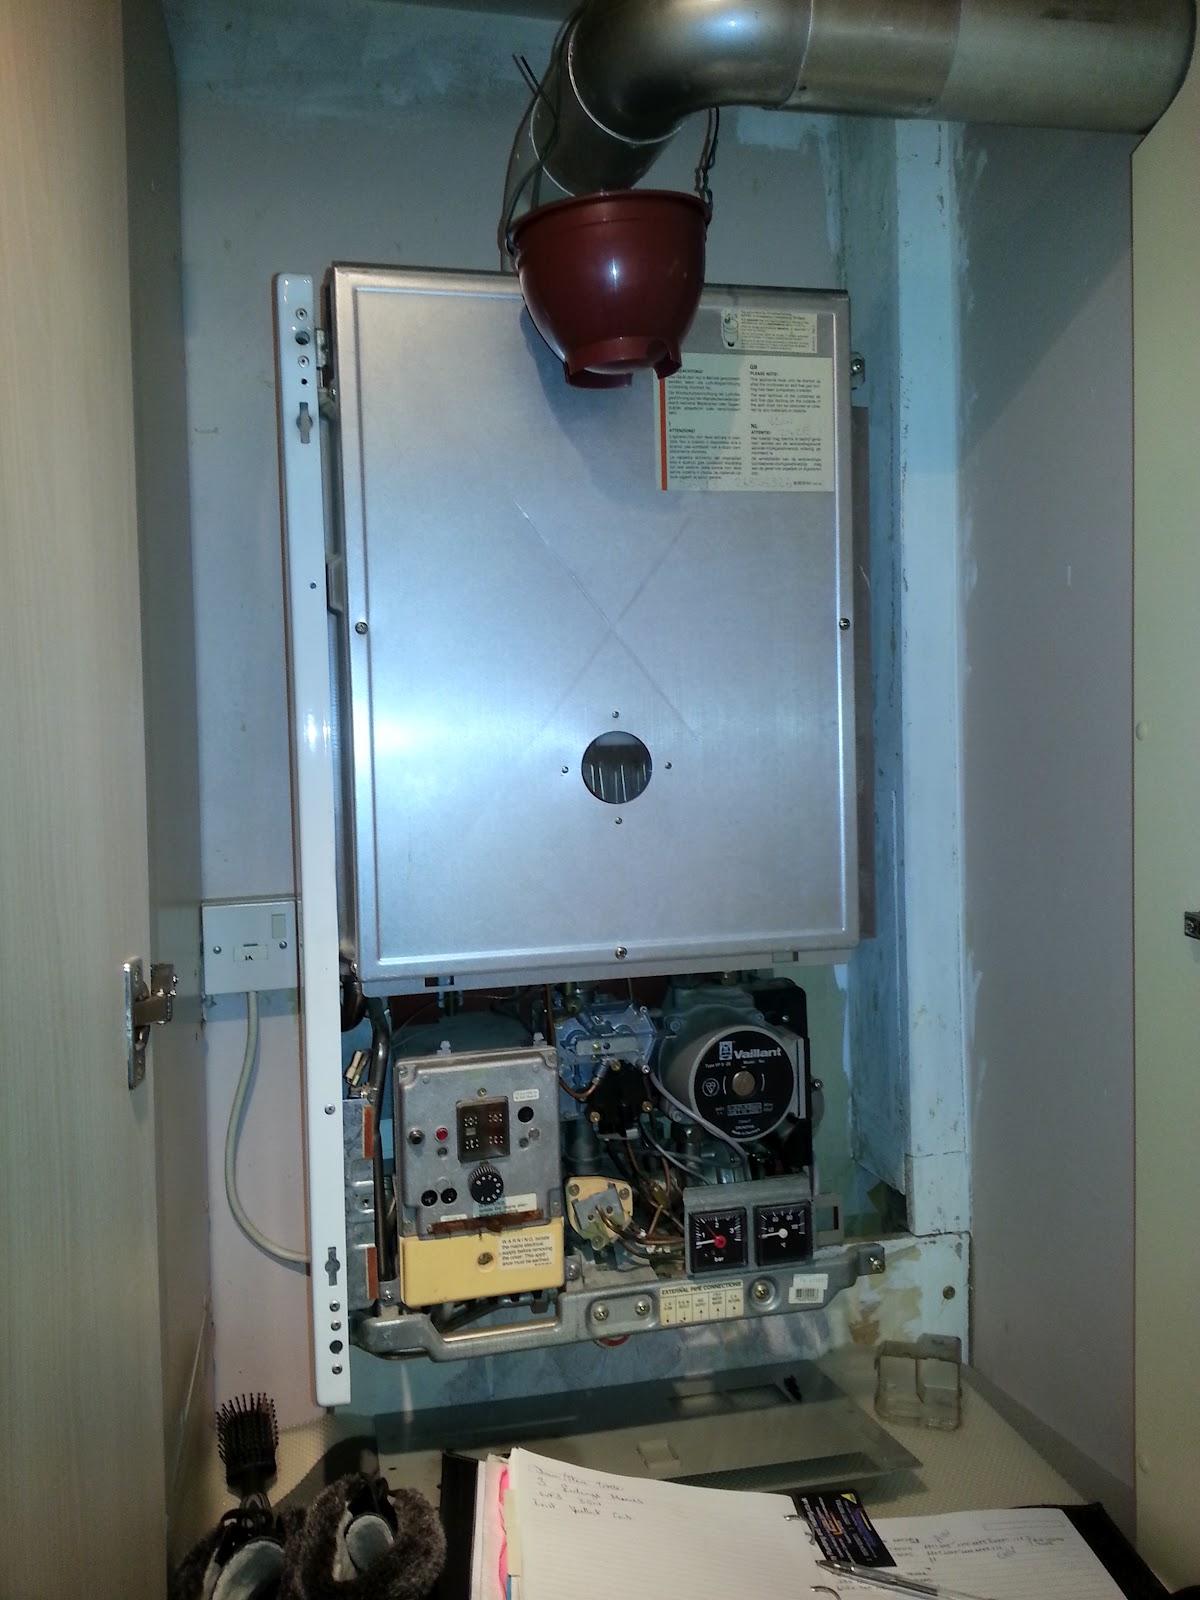 Boiler: Leaking Boiler